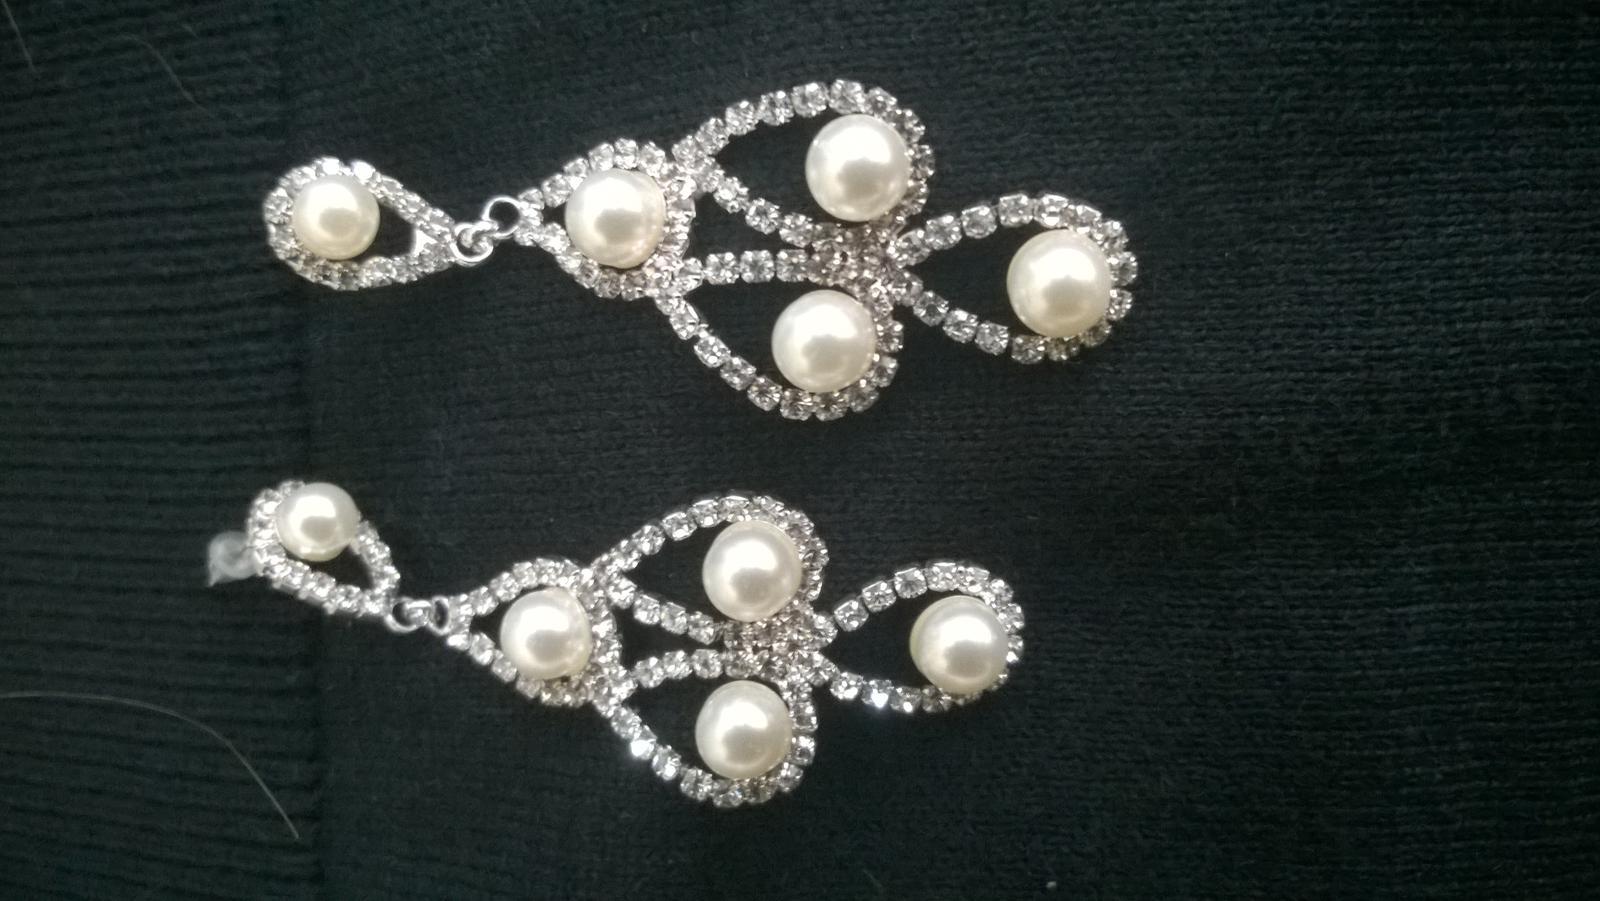 štrasové náušnice s perličkami - Obrázok č. 1